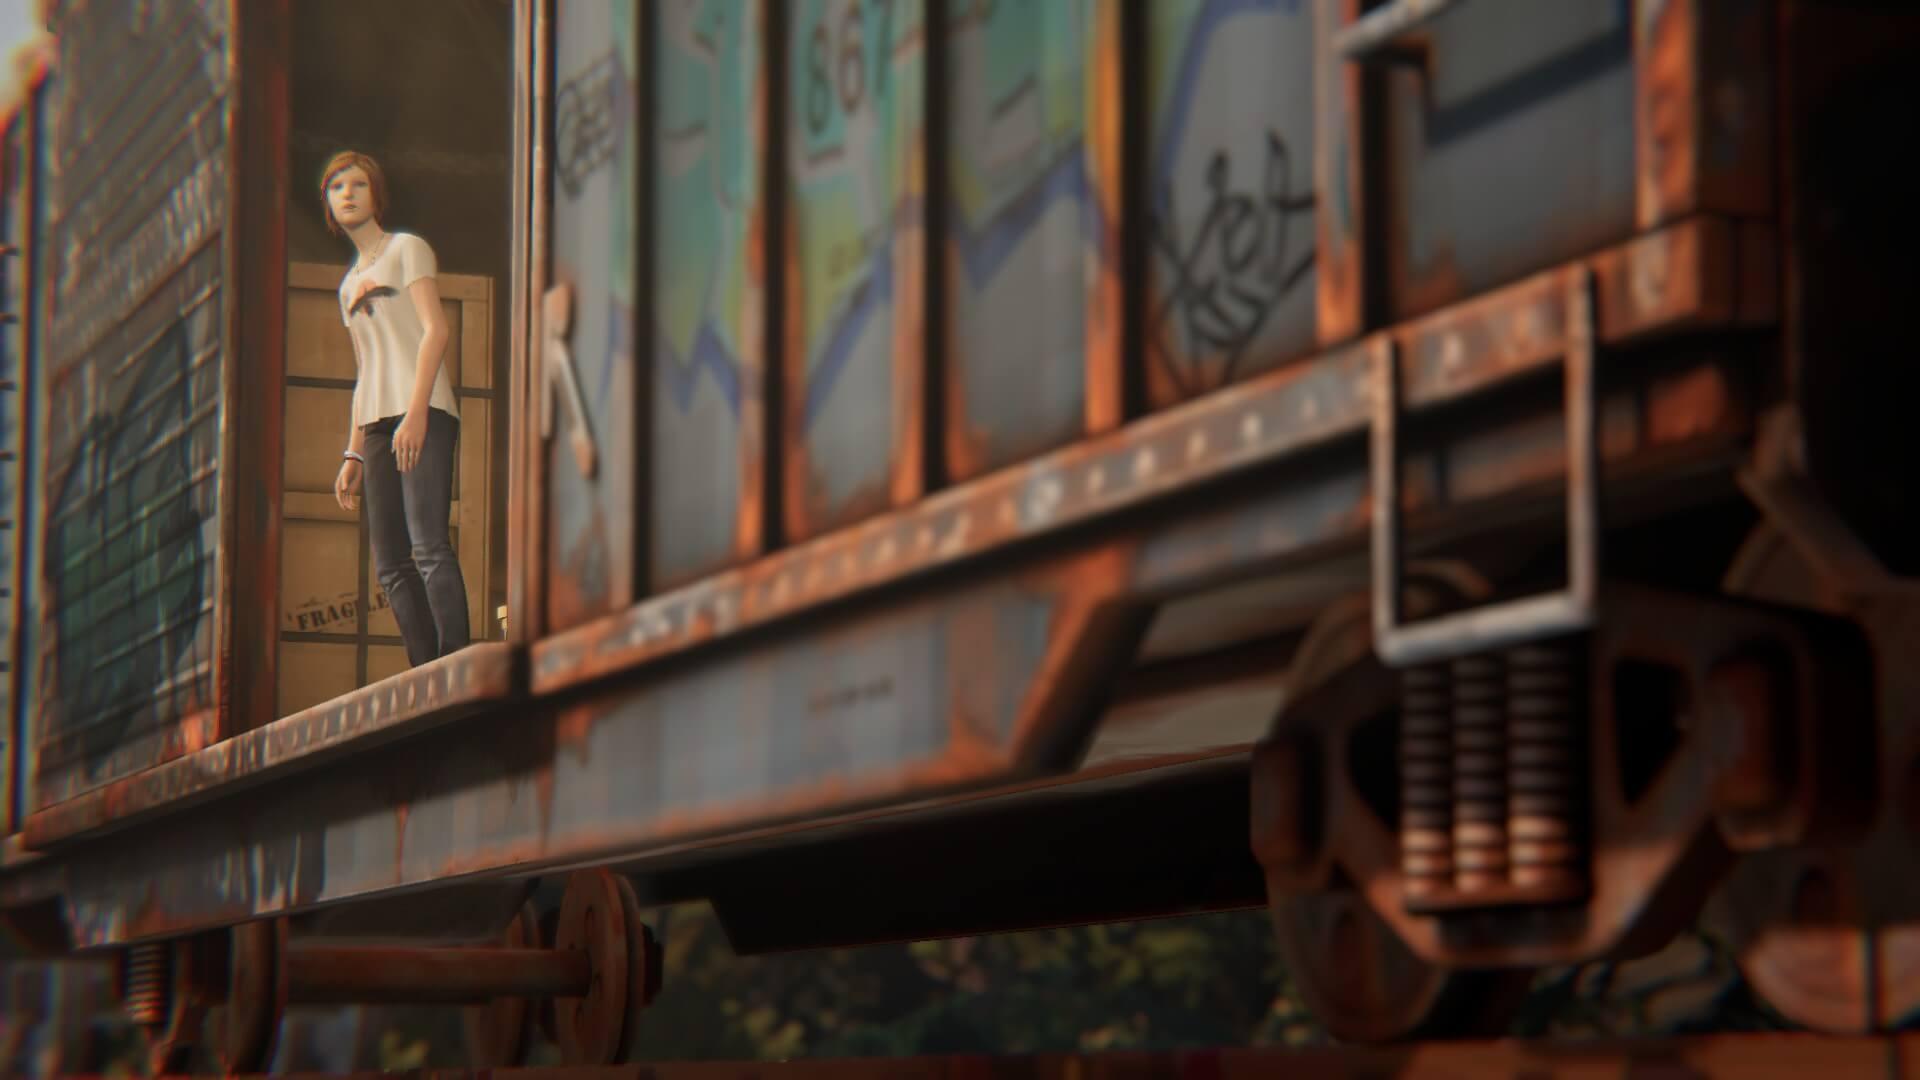 クロエ・プライス。貨物列車に揺られて。